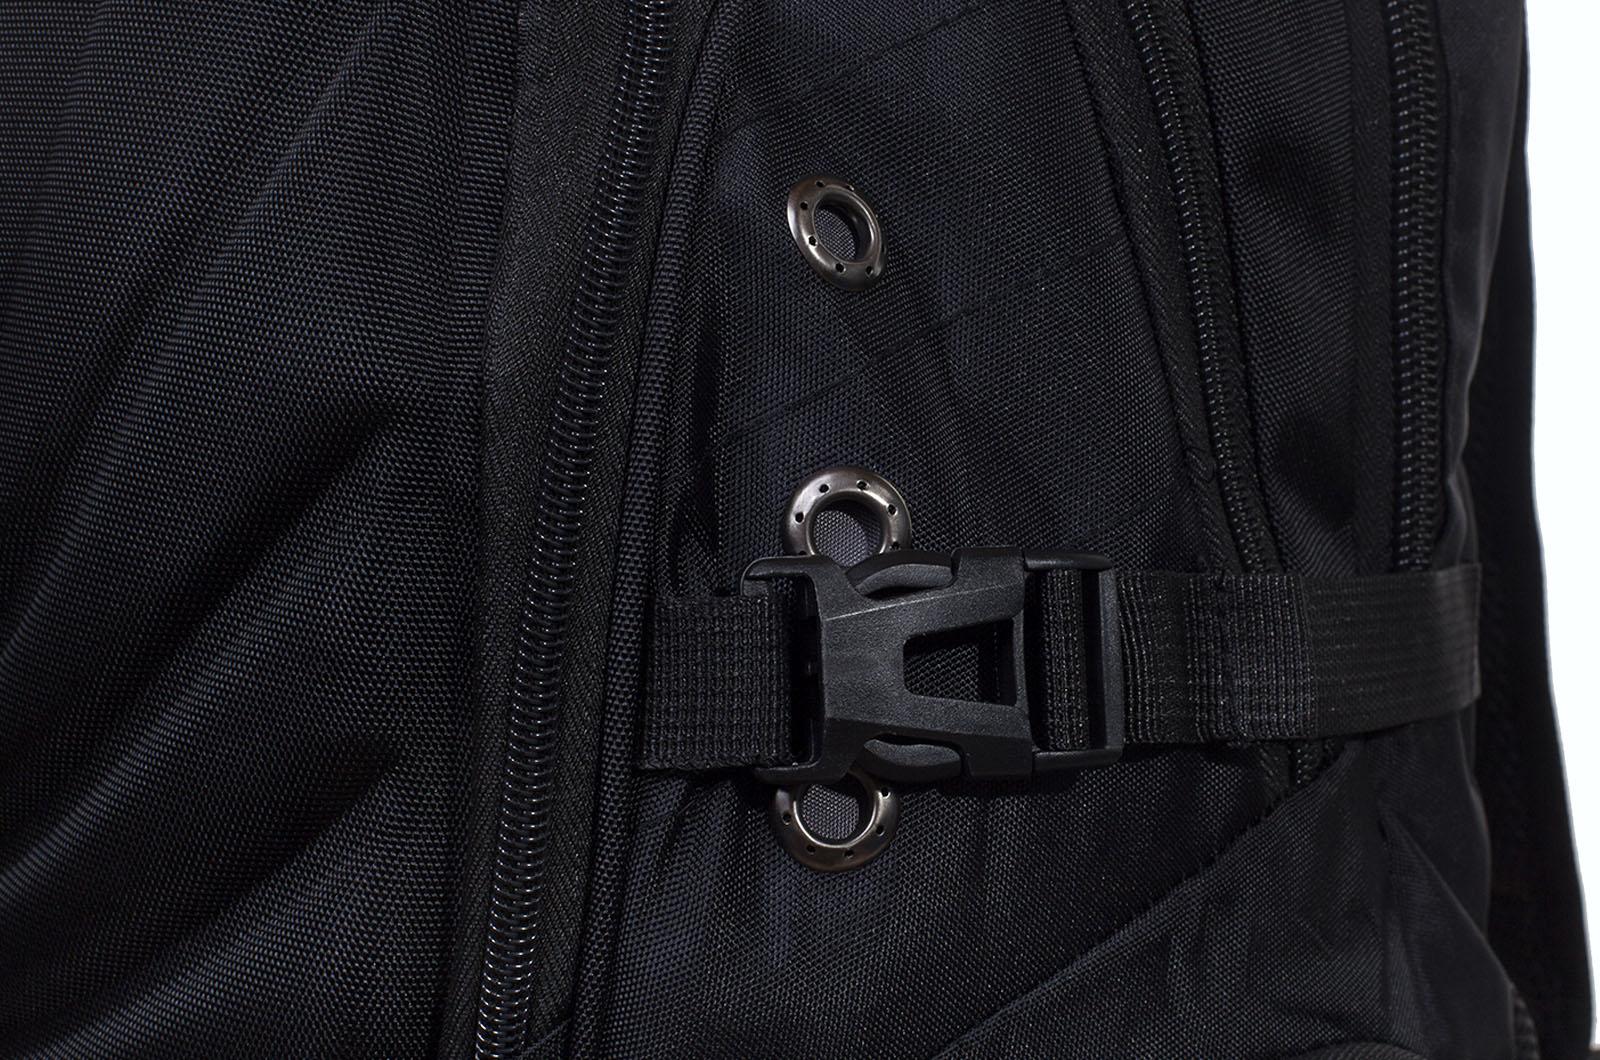 Черный эргономичный рюкзак с эмблемой Охотничий Спецназ - заказать в розницу